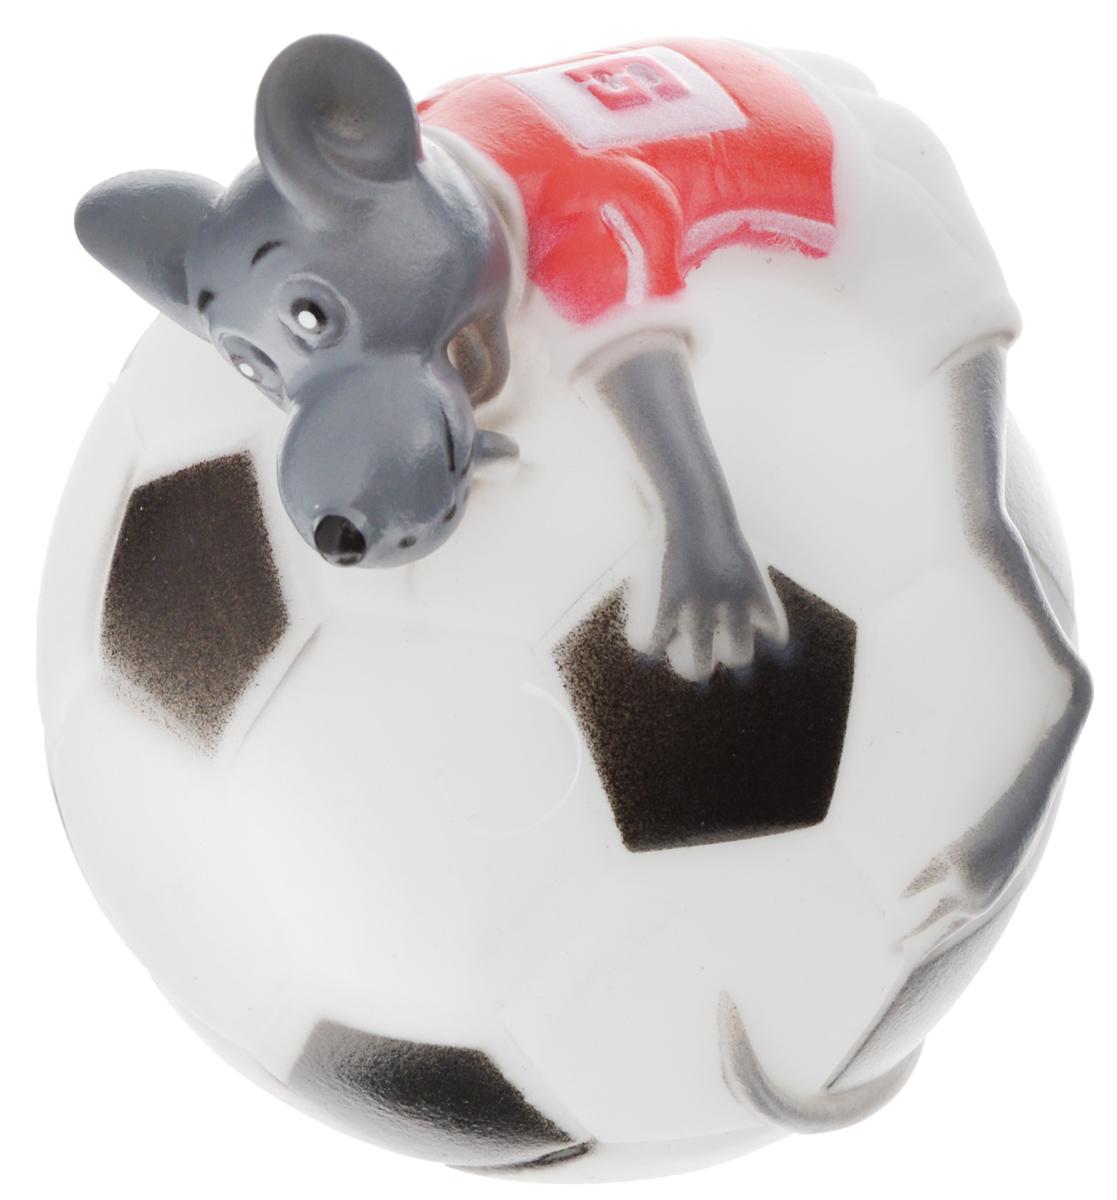 Игрушка для собак Каскад Мышь на футбольном мяче, диаметр 10 см27799282Игрушка для собак Каскад Мышь на футбольном мяче изготовлена из мягкой и прочной безопасной резины, устойчивой к разгрызанию. Игрушка снабжена пищалкой. Изделие отличается прочностью и в то же время мягкостью и эластичностью. Необычная и забавная игрушка прекрасно подойдет для игр вашей собаки.